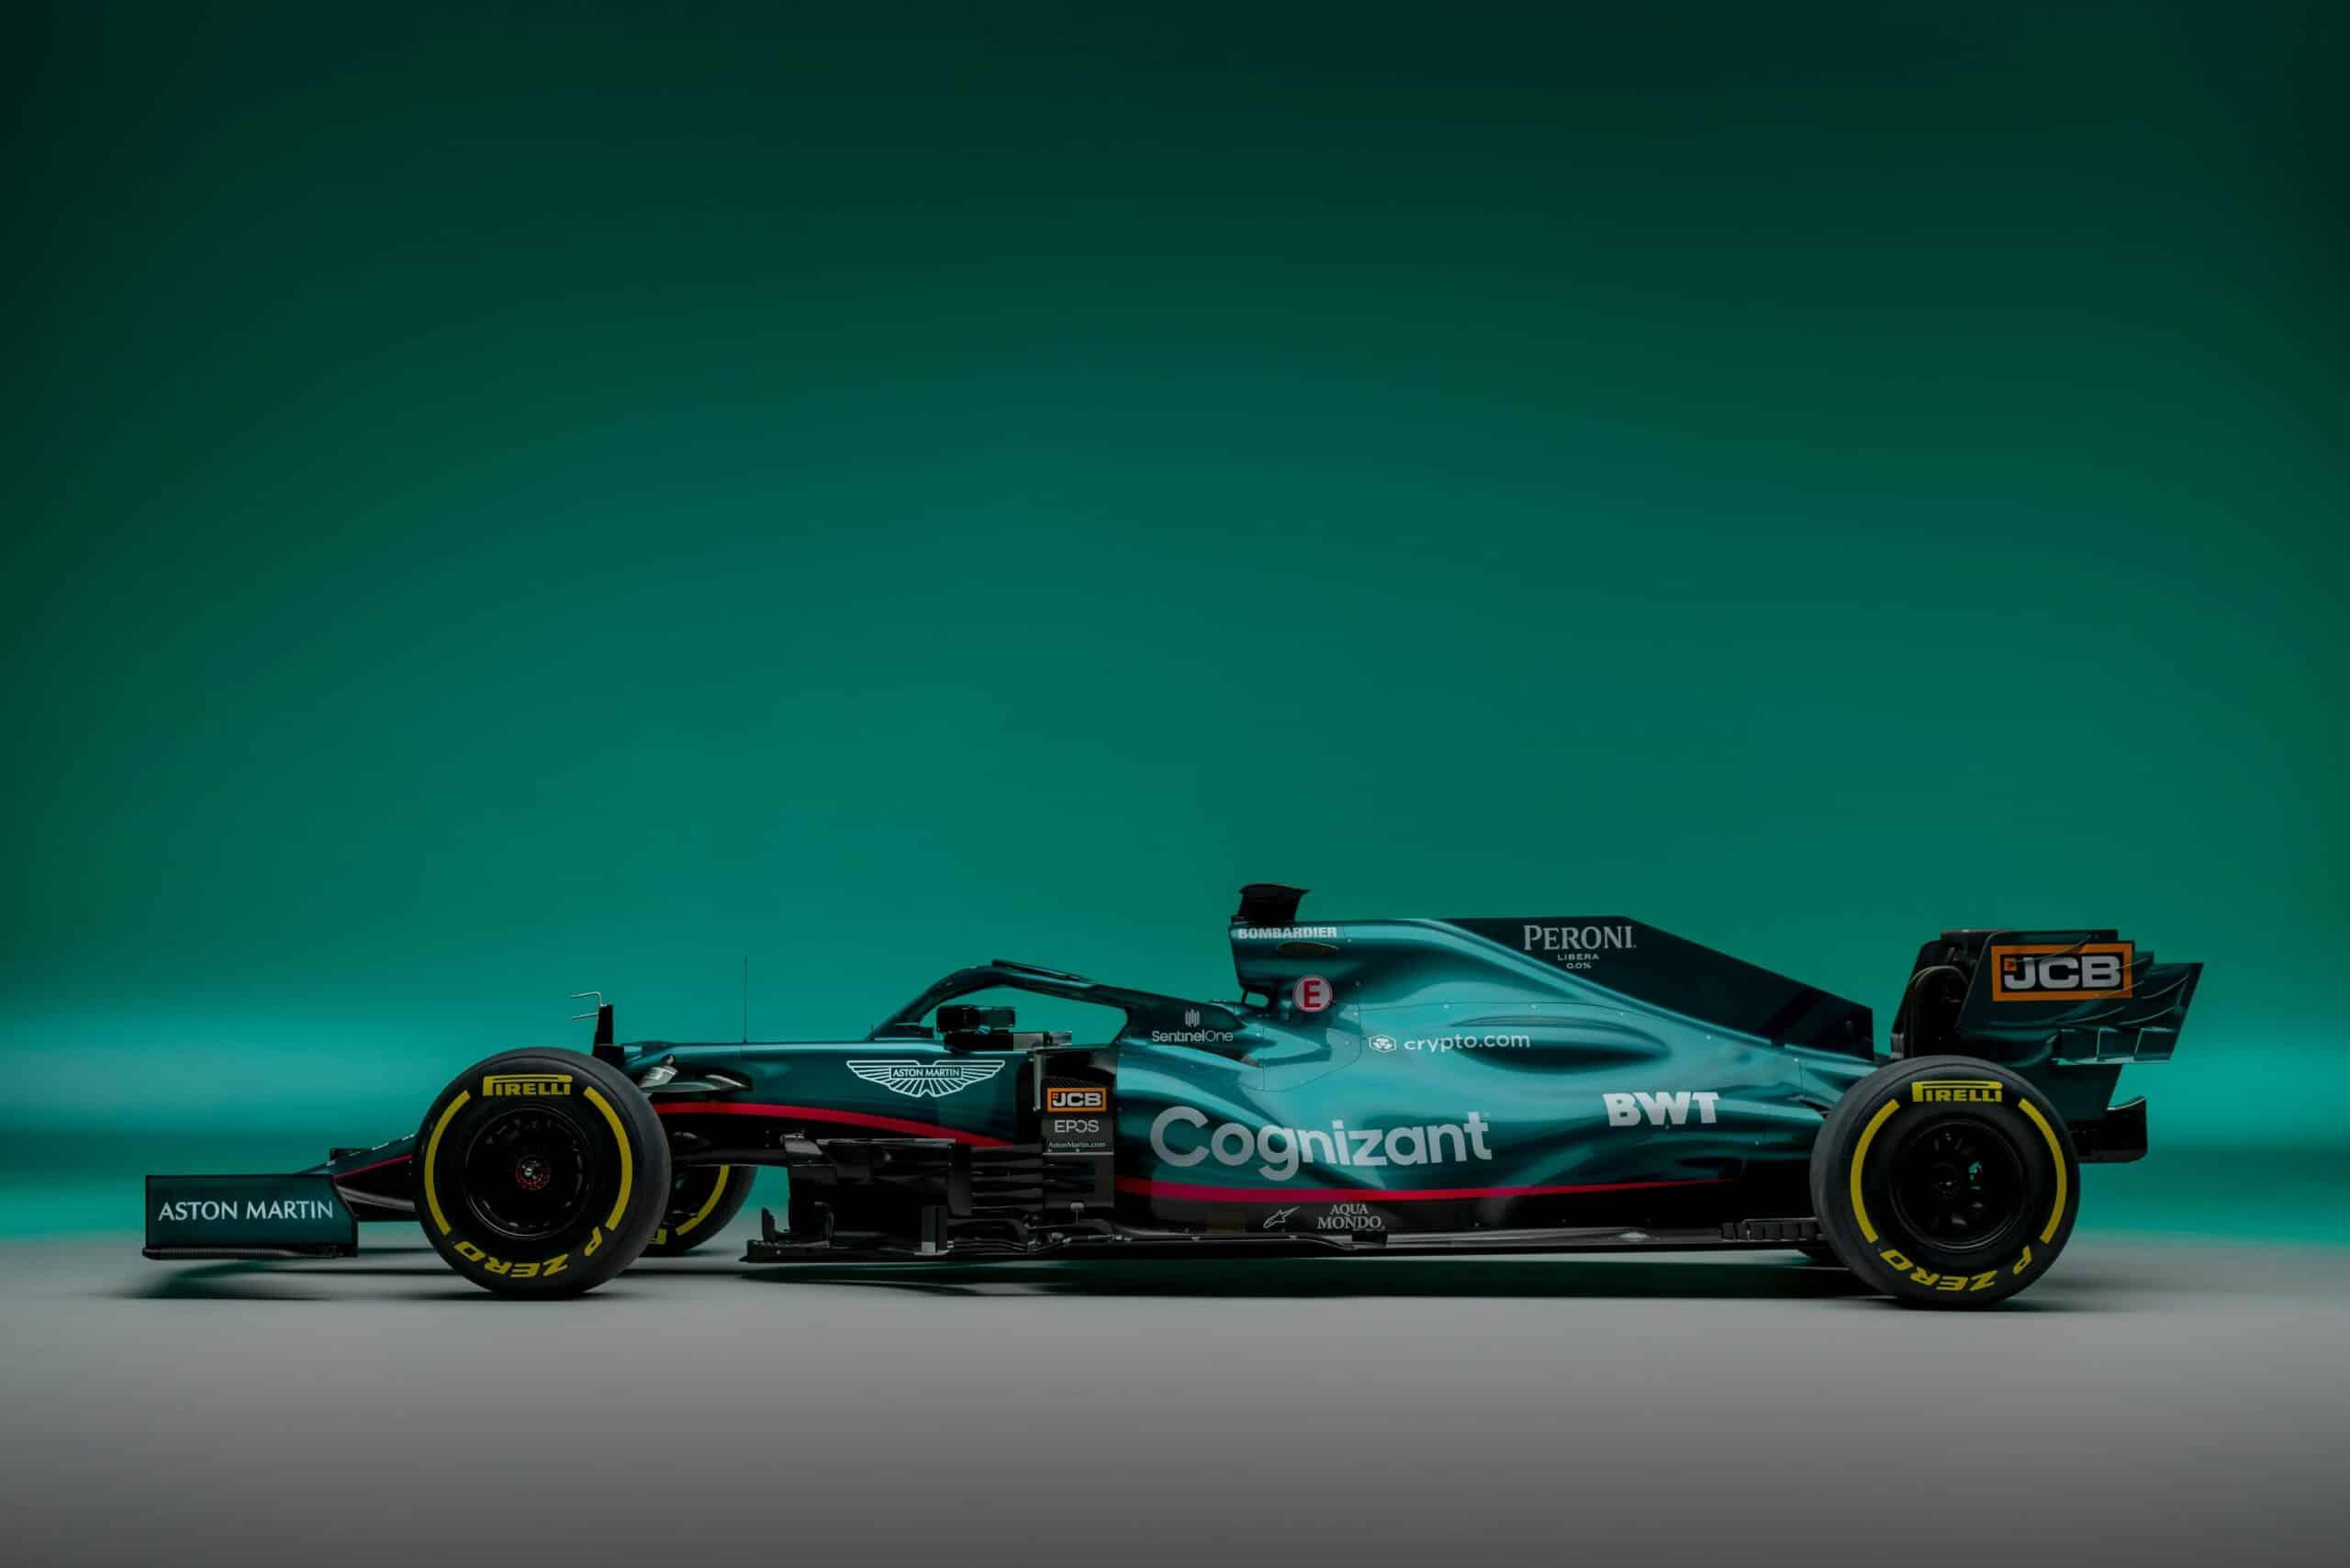 Aston Martin revela su primer auto de F1 en más de 60 años